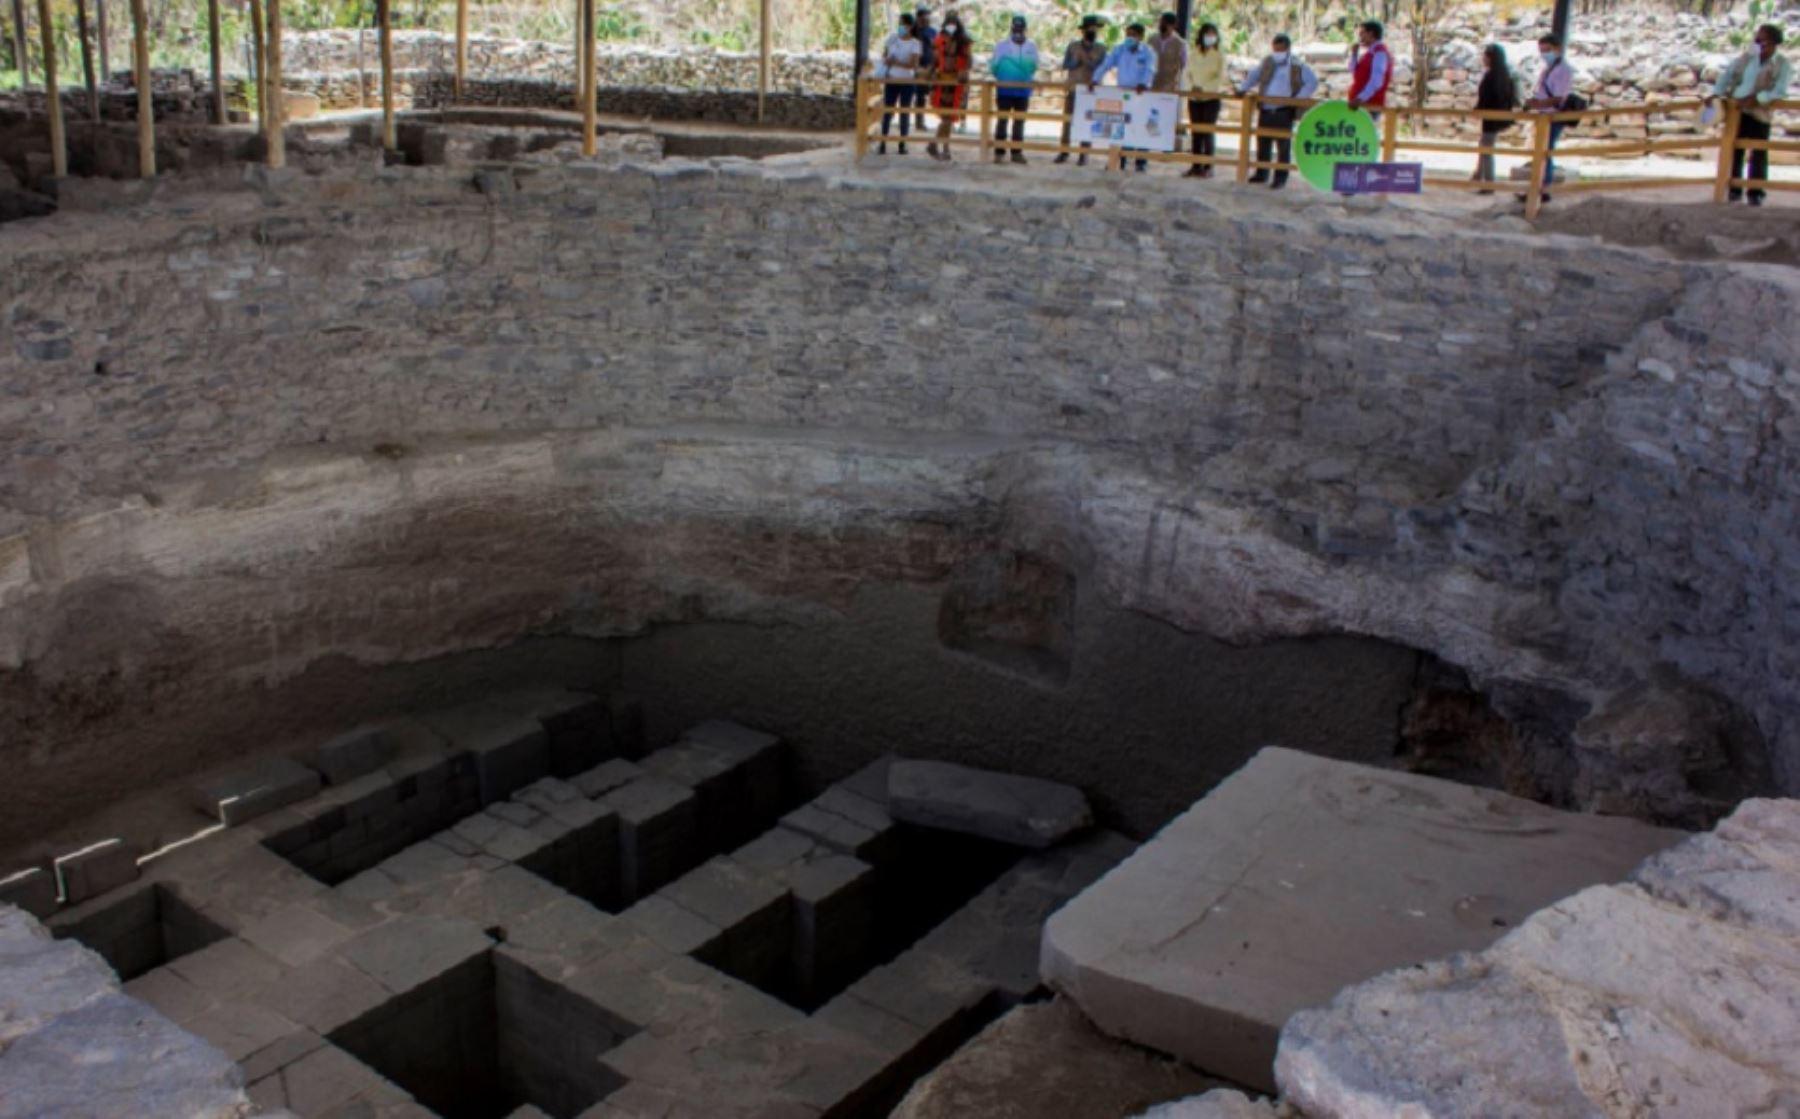 ayacucho-te-espera-reinician-las-visitas-al-museo-y-sitio-arqueologico-wari